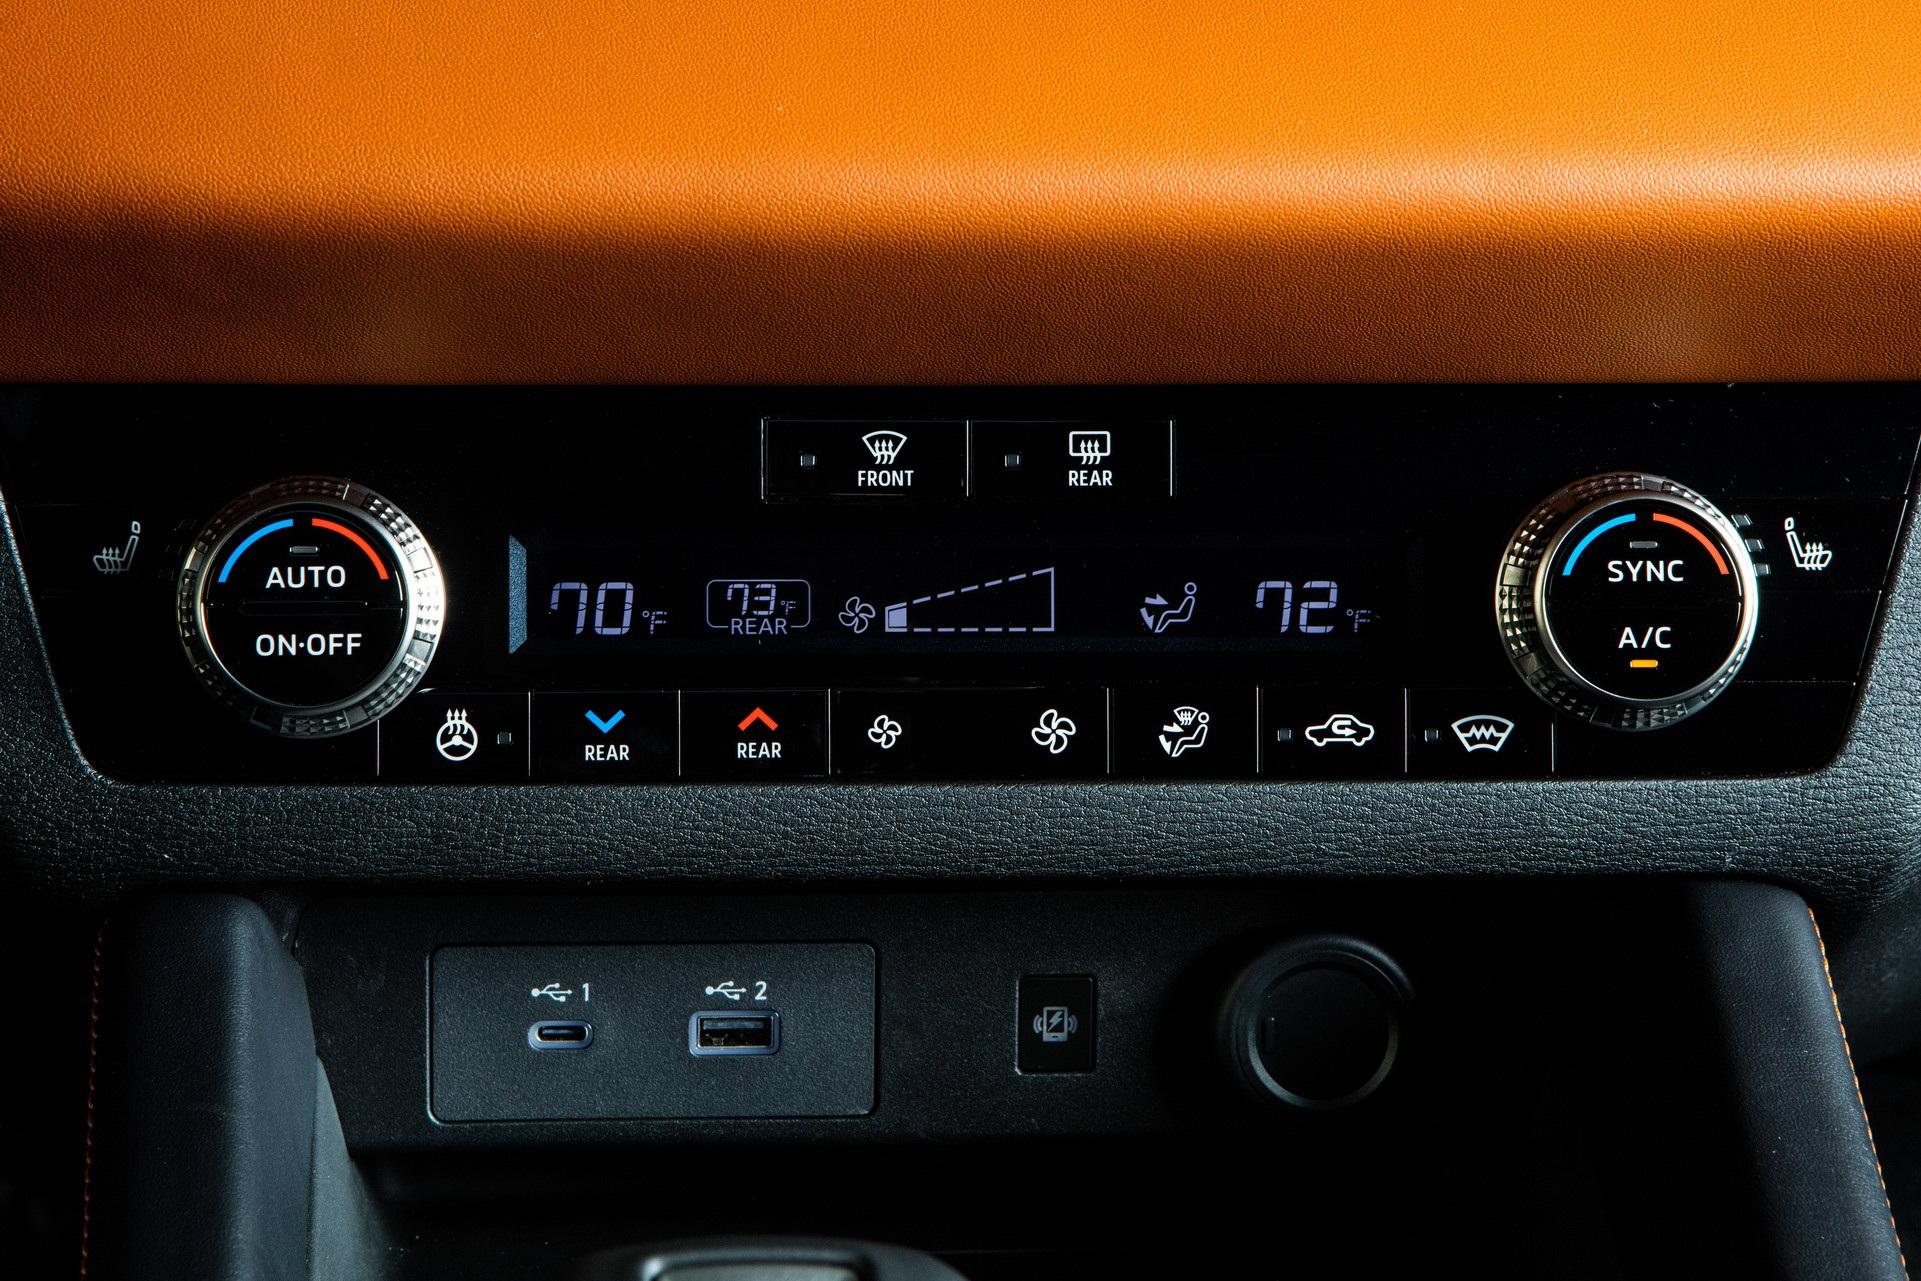 Mitsubishi Outlander 2022 ghi điểm về thiết kế, bị trừ điểm động cơ - 44